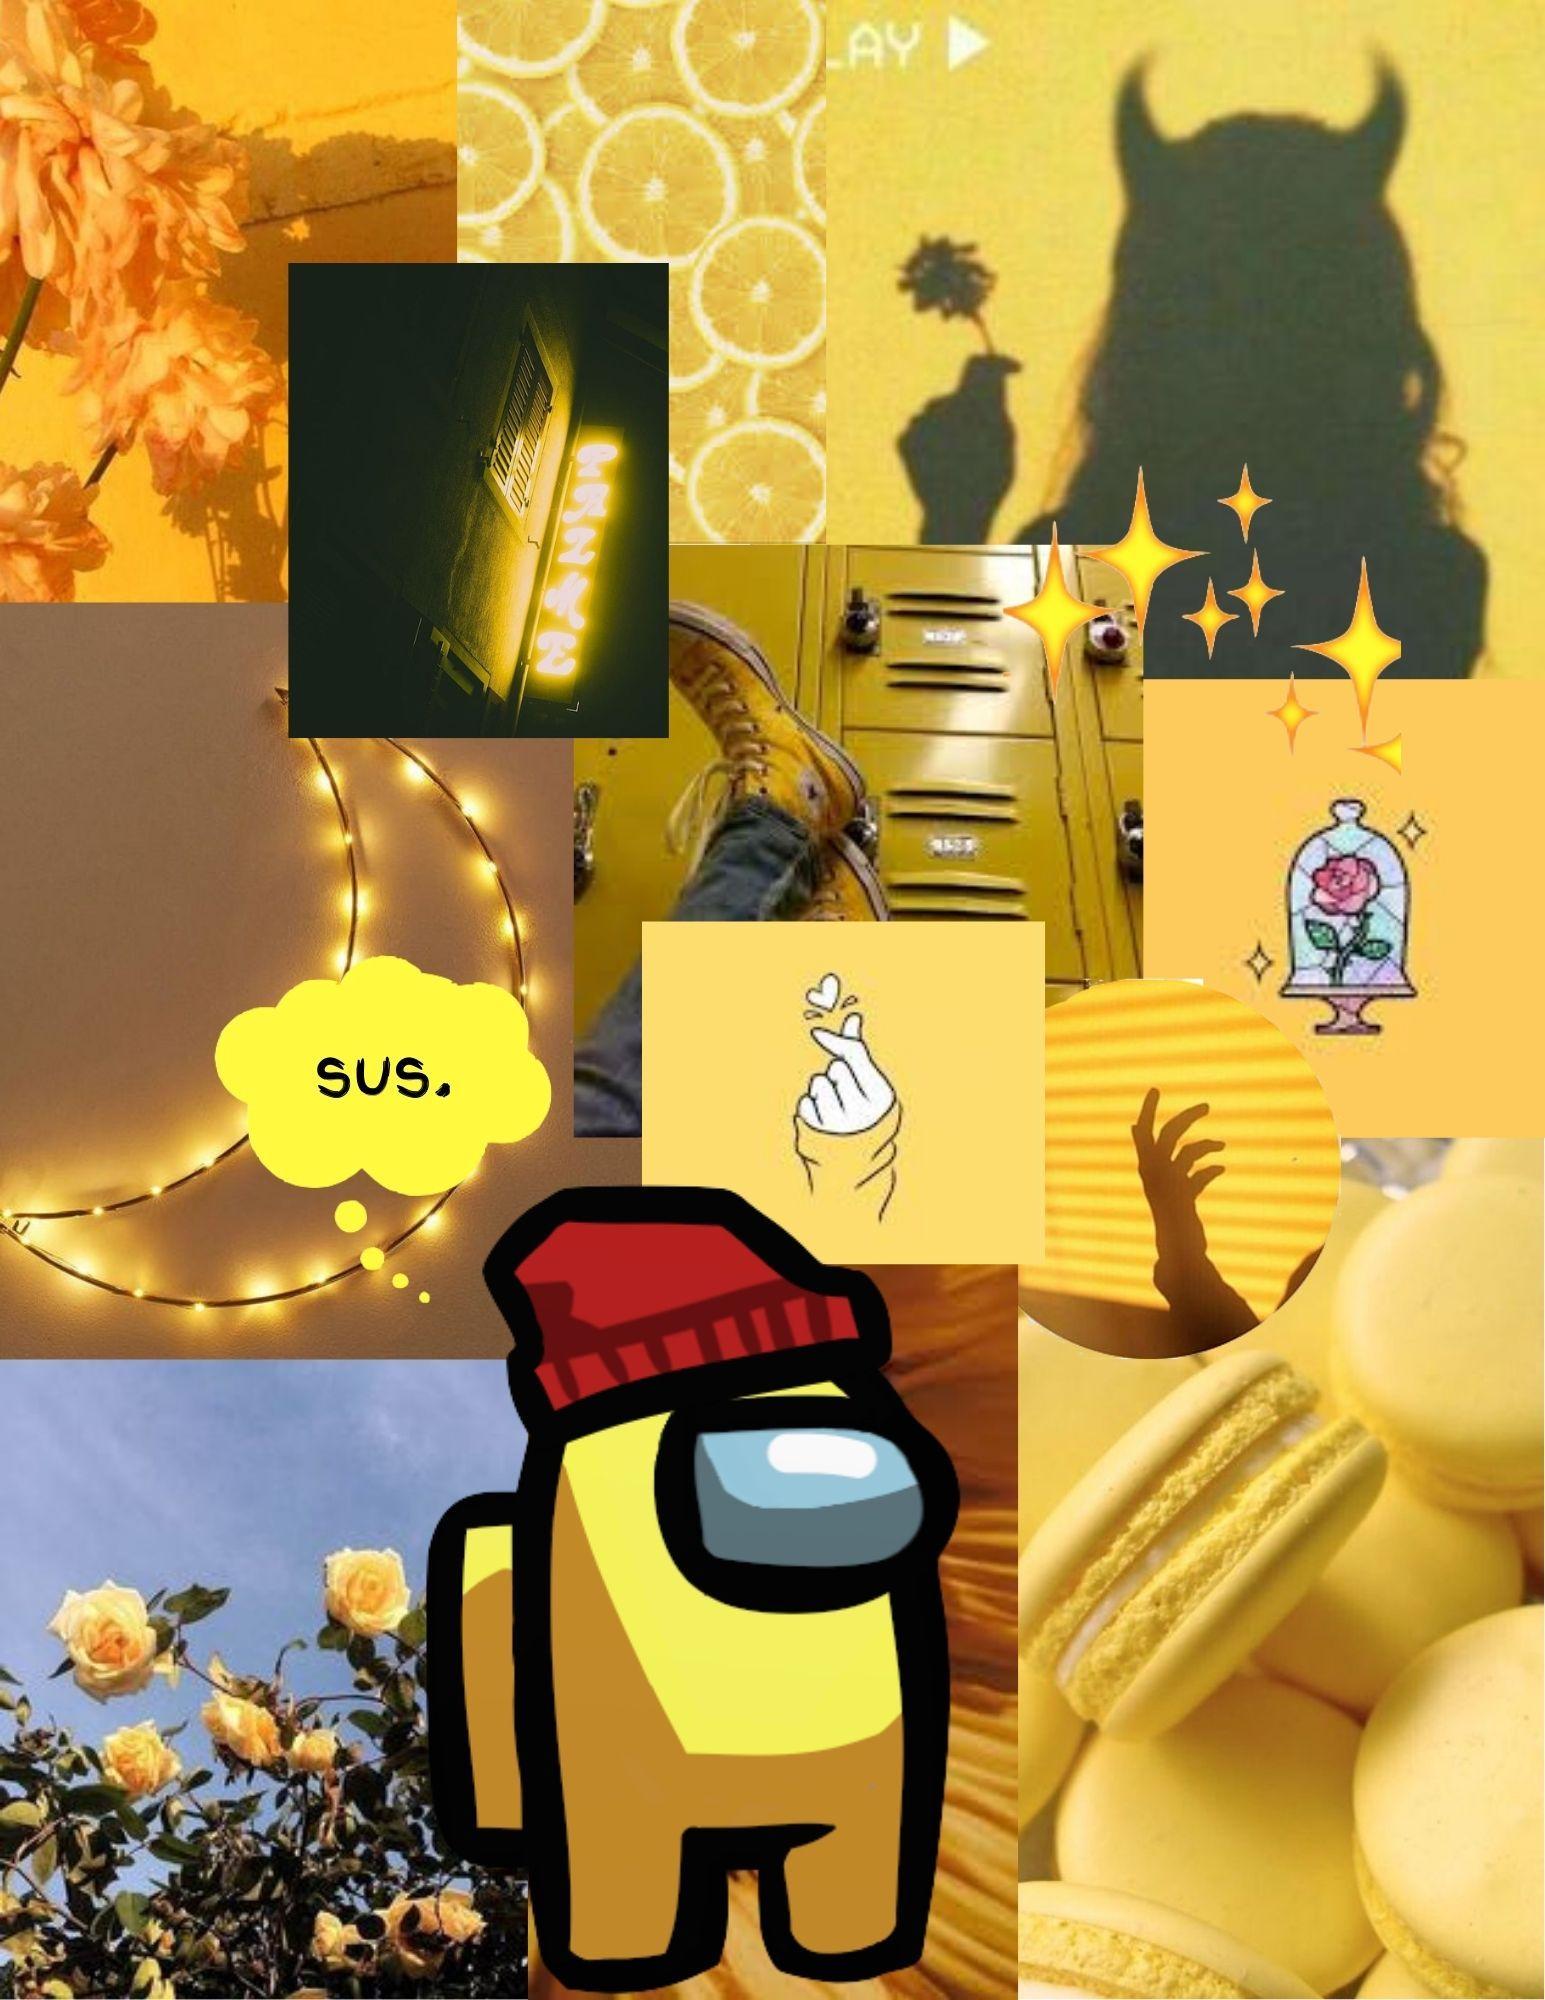 Yellow Among Us Iphone Wallpaper Pattern Aesthetic Iphone Wallpaper Iphone Wallpaper Yellow